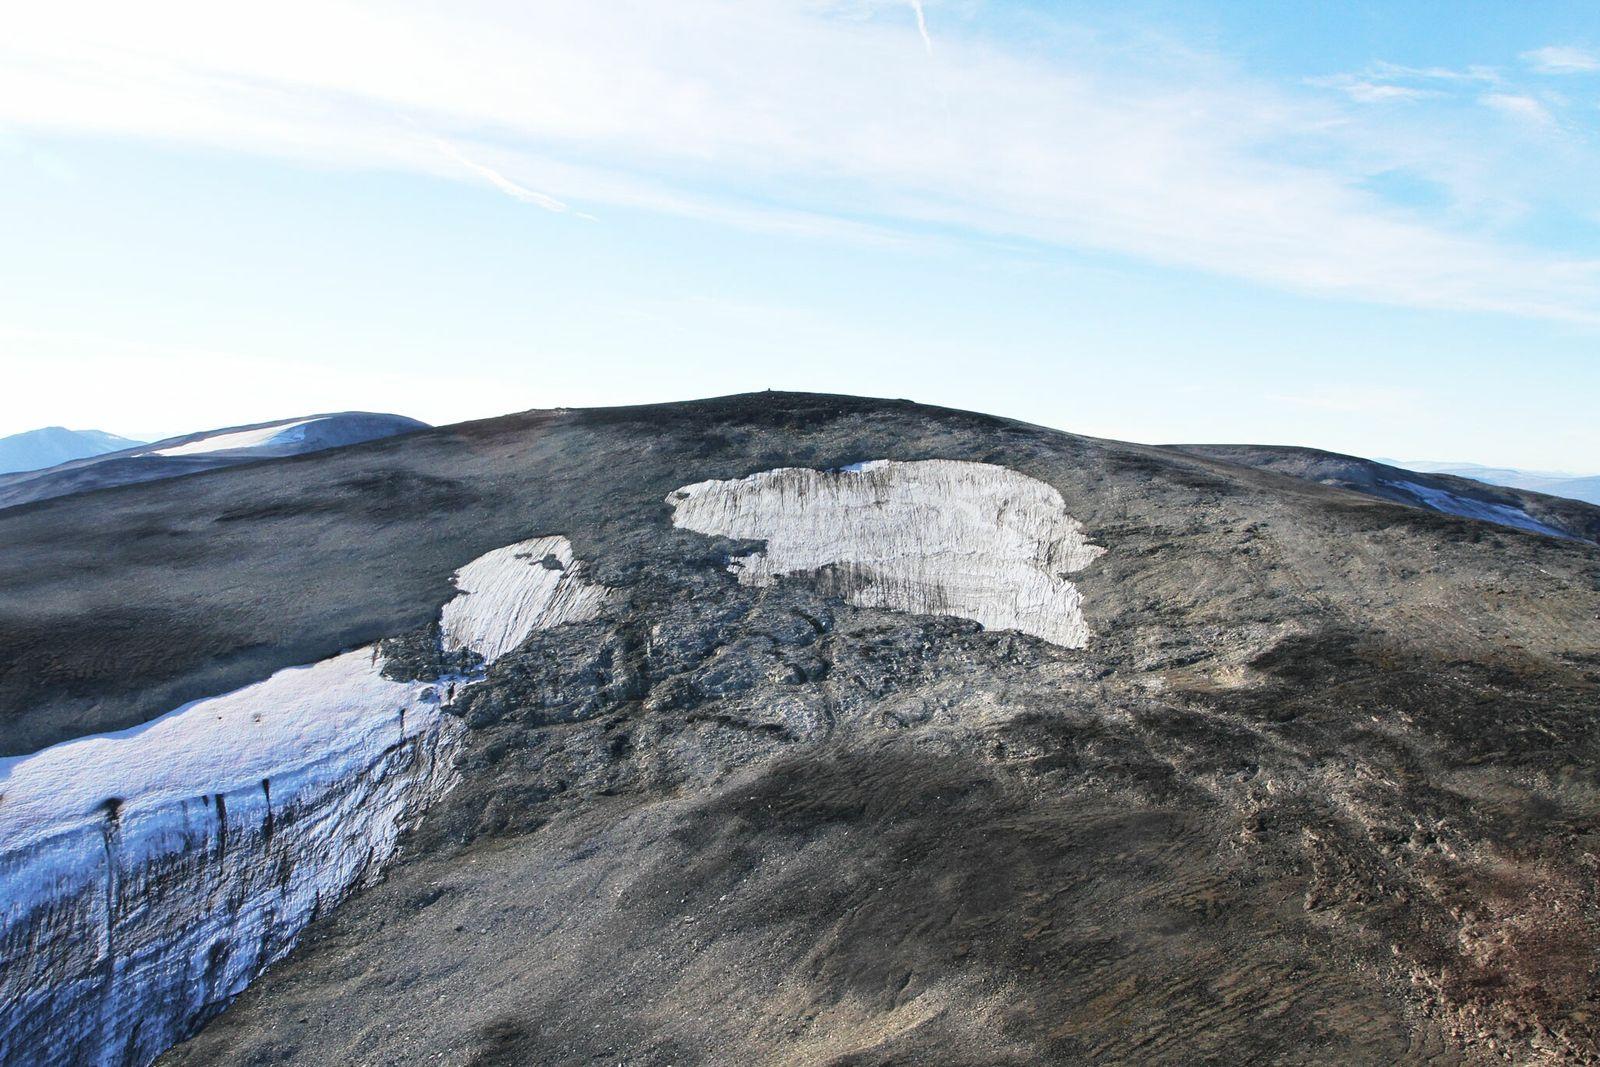 Fotografía del manchón de hielo de Langfonne